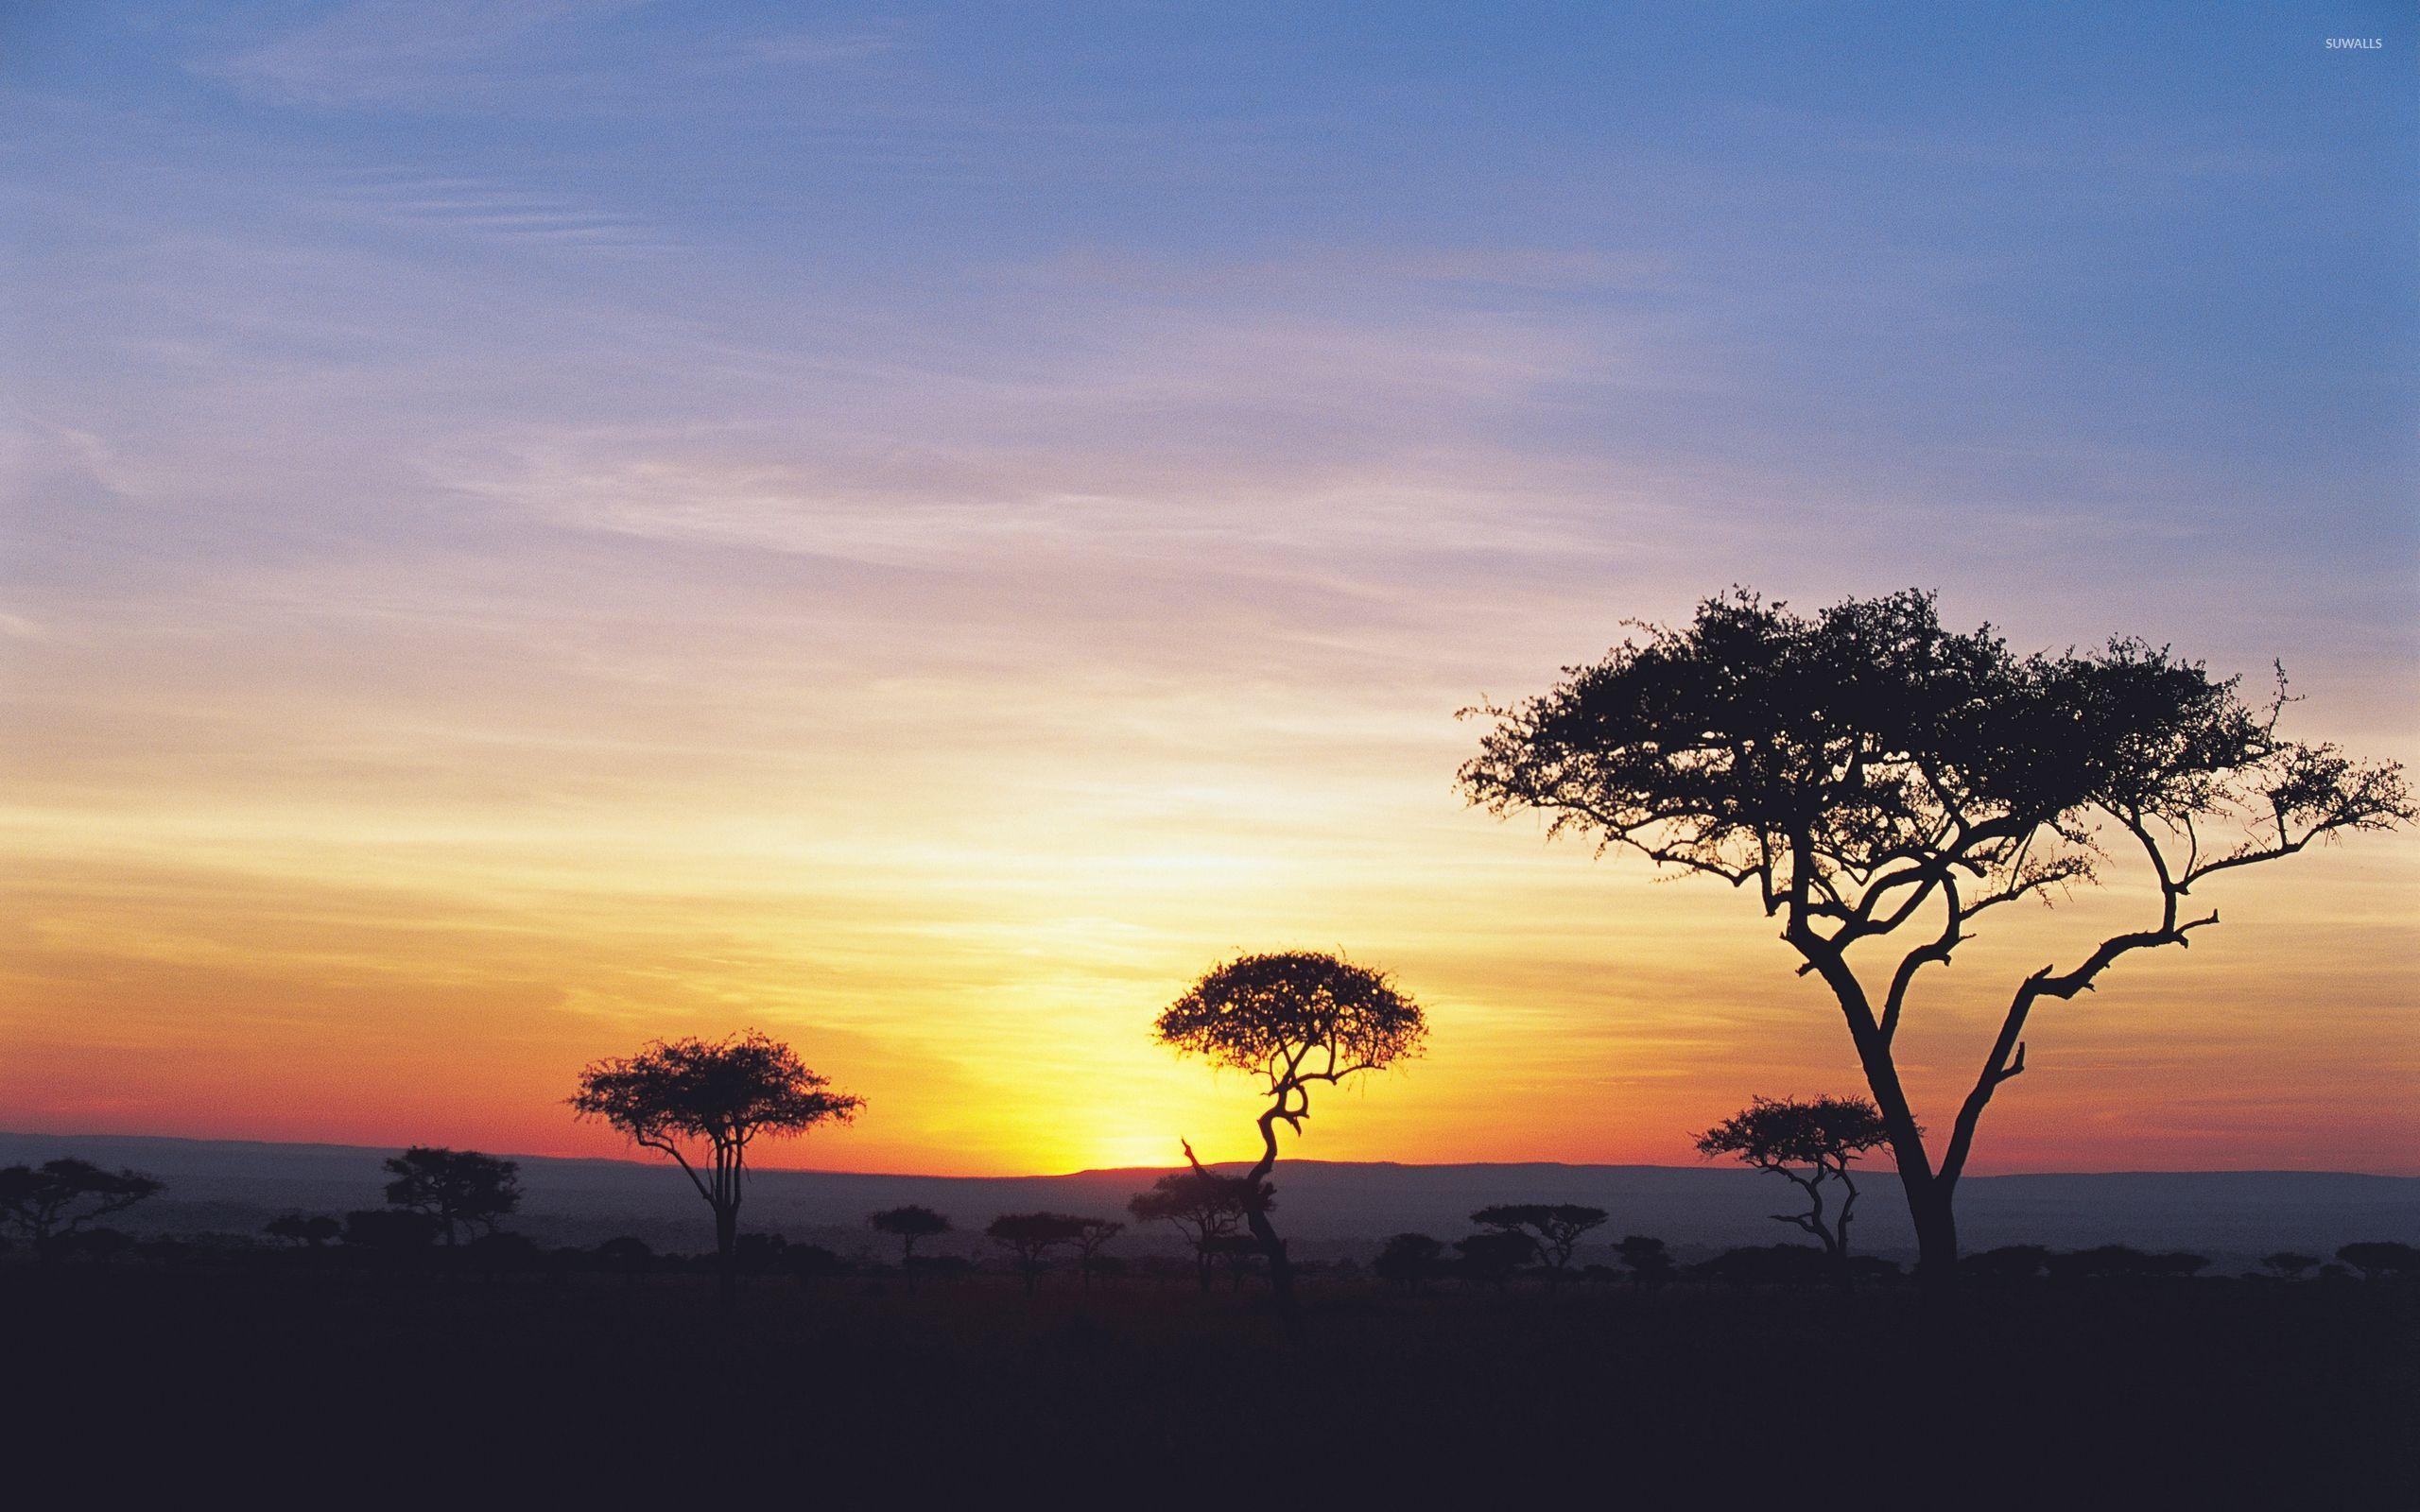 Safari Sunset Wallpaper  Nature Wallpapers 46499